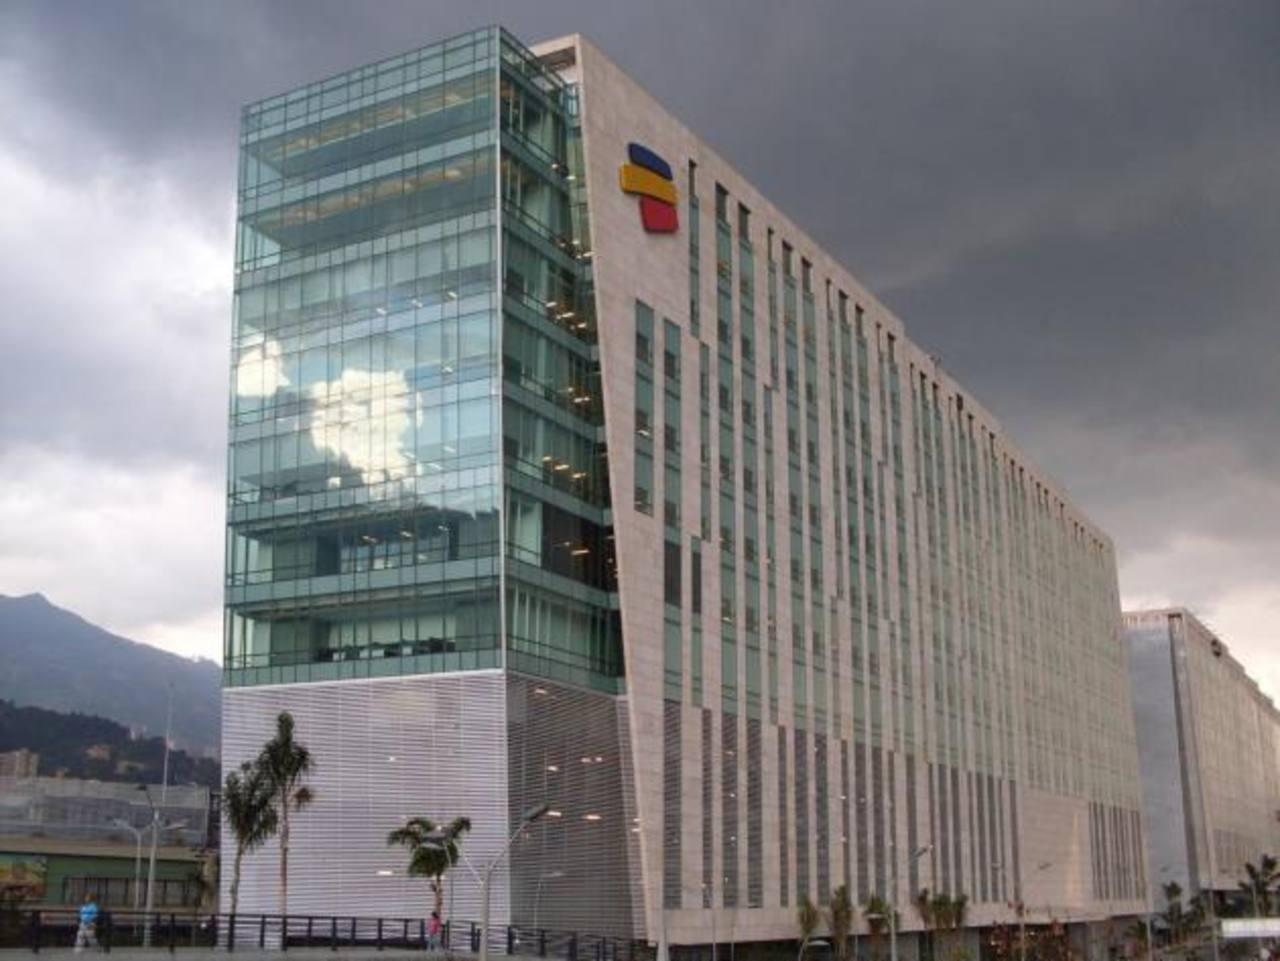 Edificio sede principal de Bancolombia en la ciudad de Medellín. Foto tomada de internet